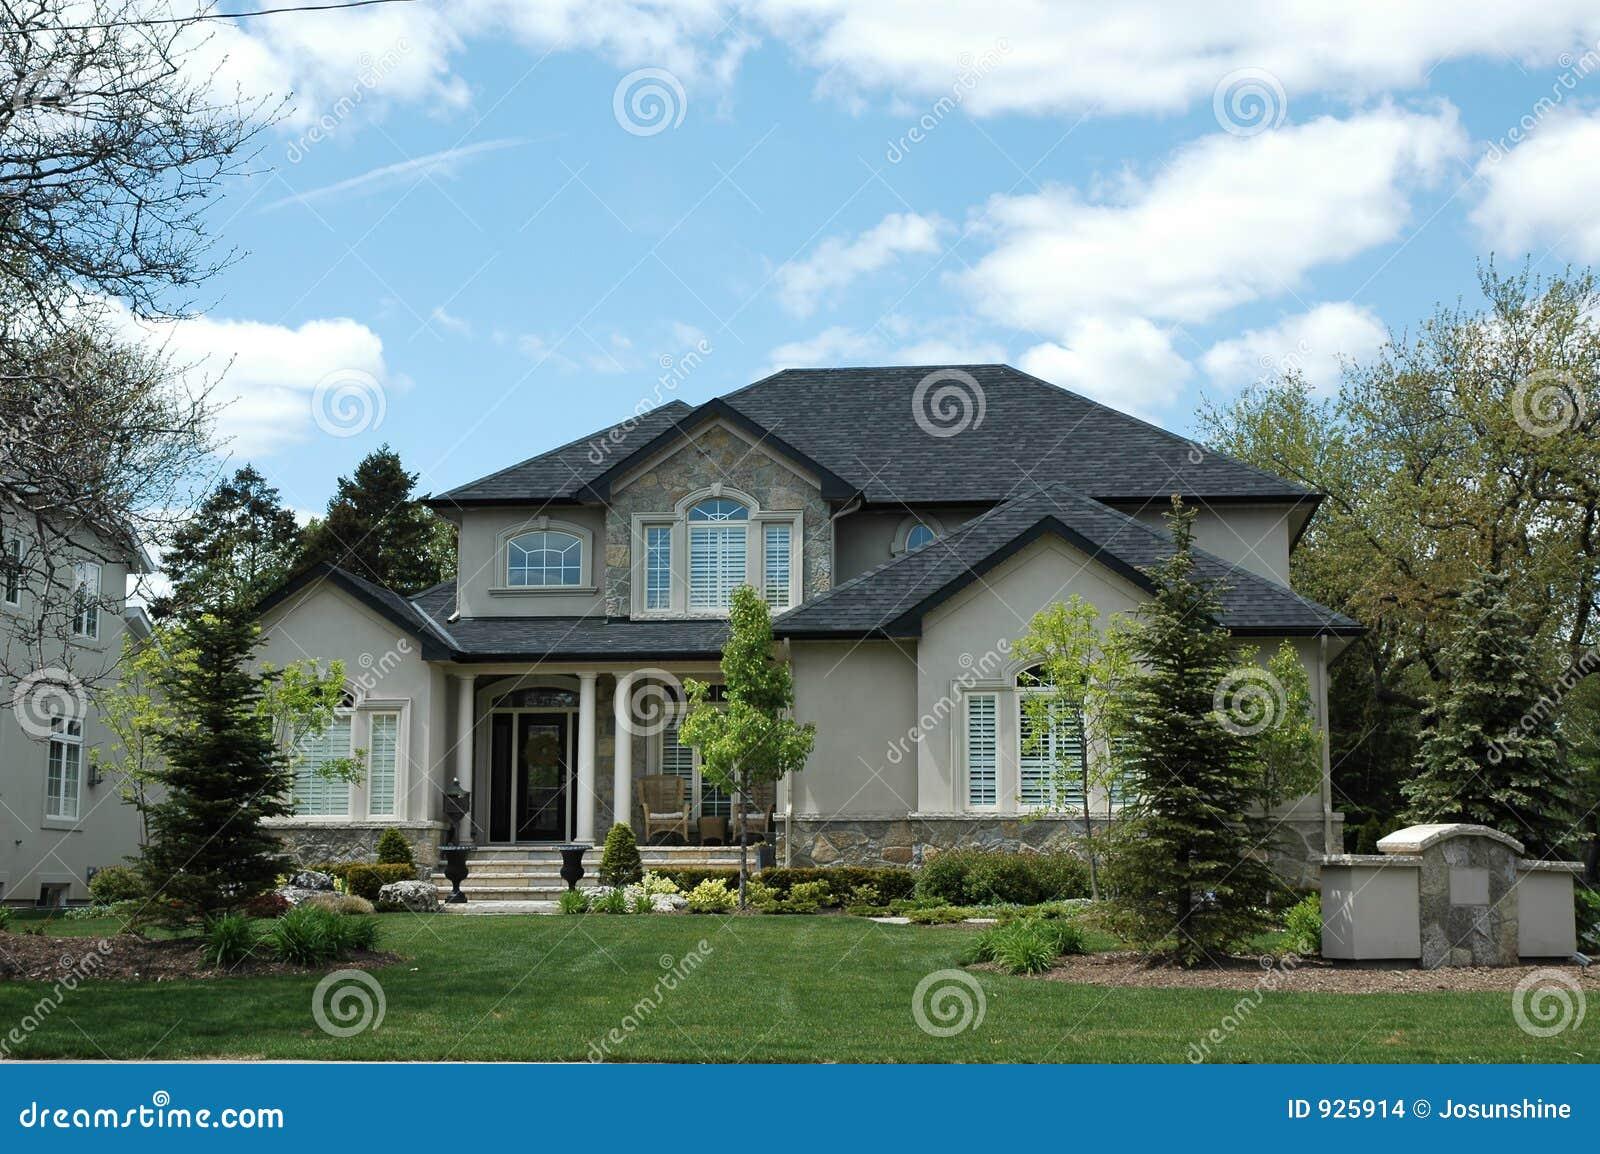 Stucco home exterior designs elite home ideas for Elite home designs